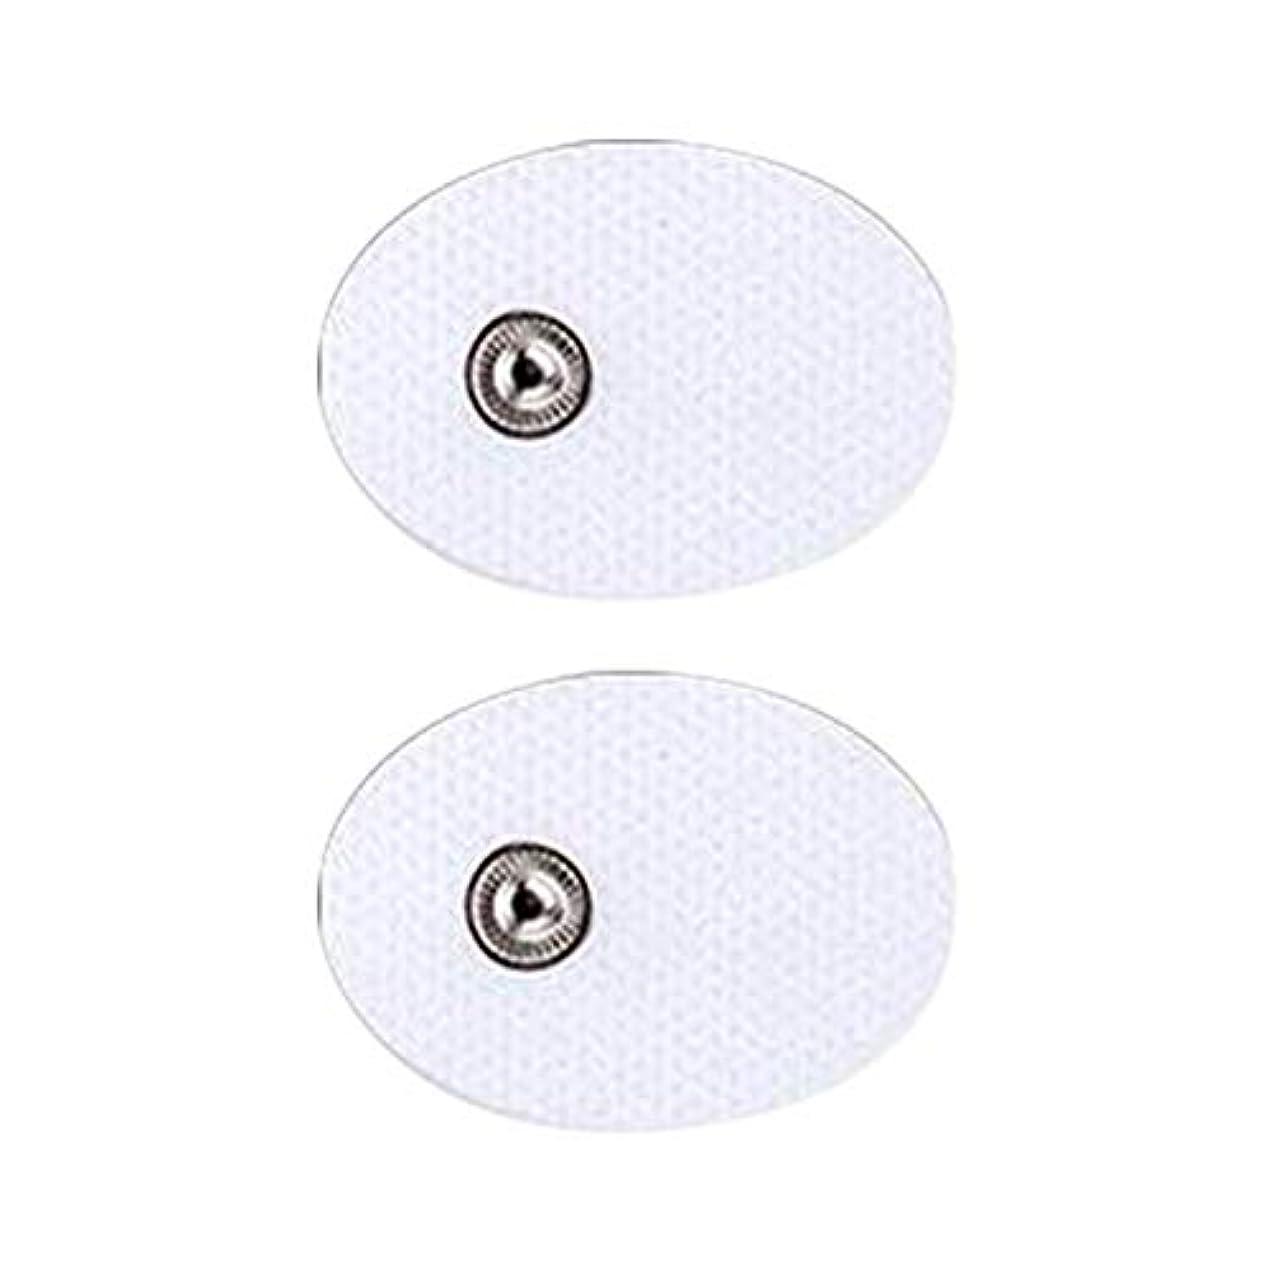 共産主義ラベンダースペイン5ペア/10枚入り 電気TENS 低周波治療器 交換用パッド 迅速で効果的に痛み緩和治療デバイス 全身用電気デジタルパルス 刺激マッサージャー (2A)